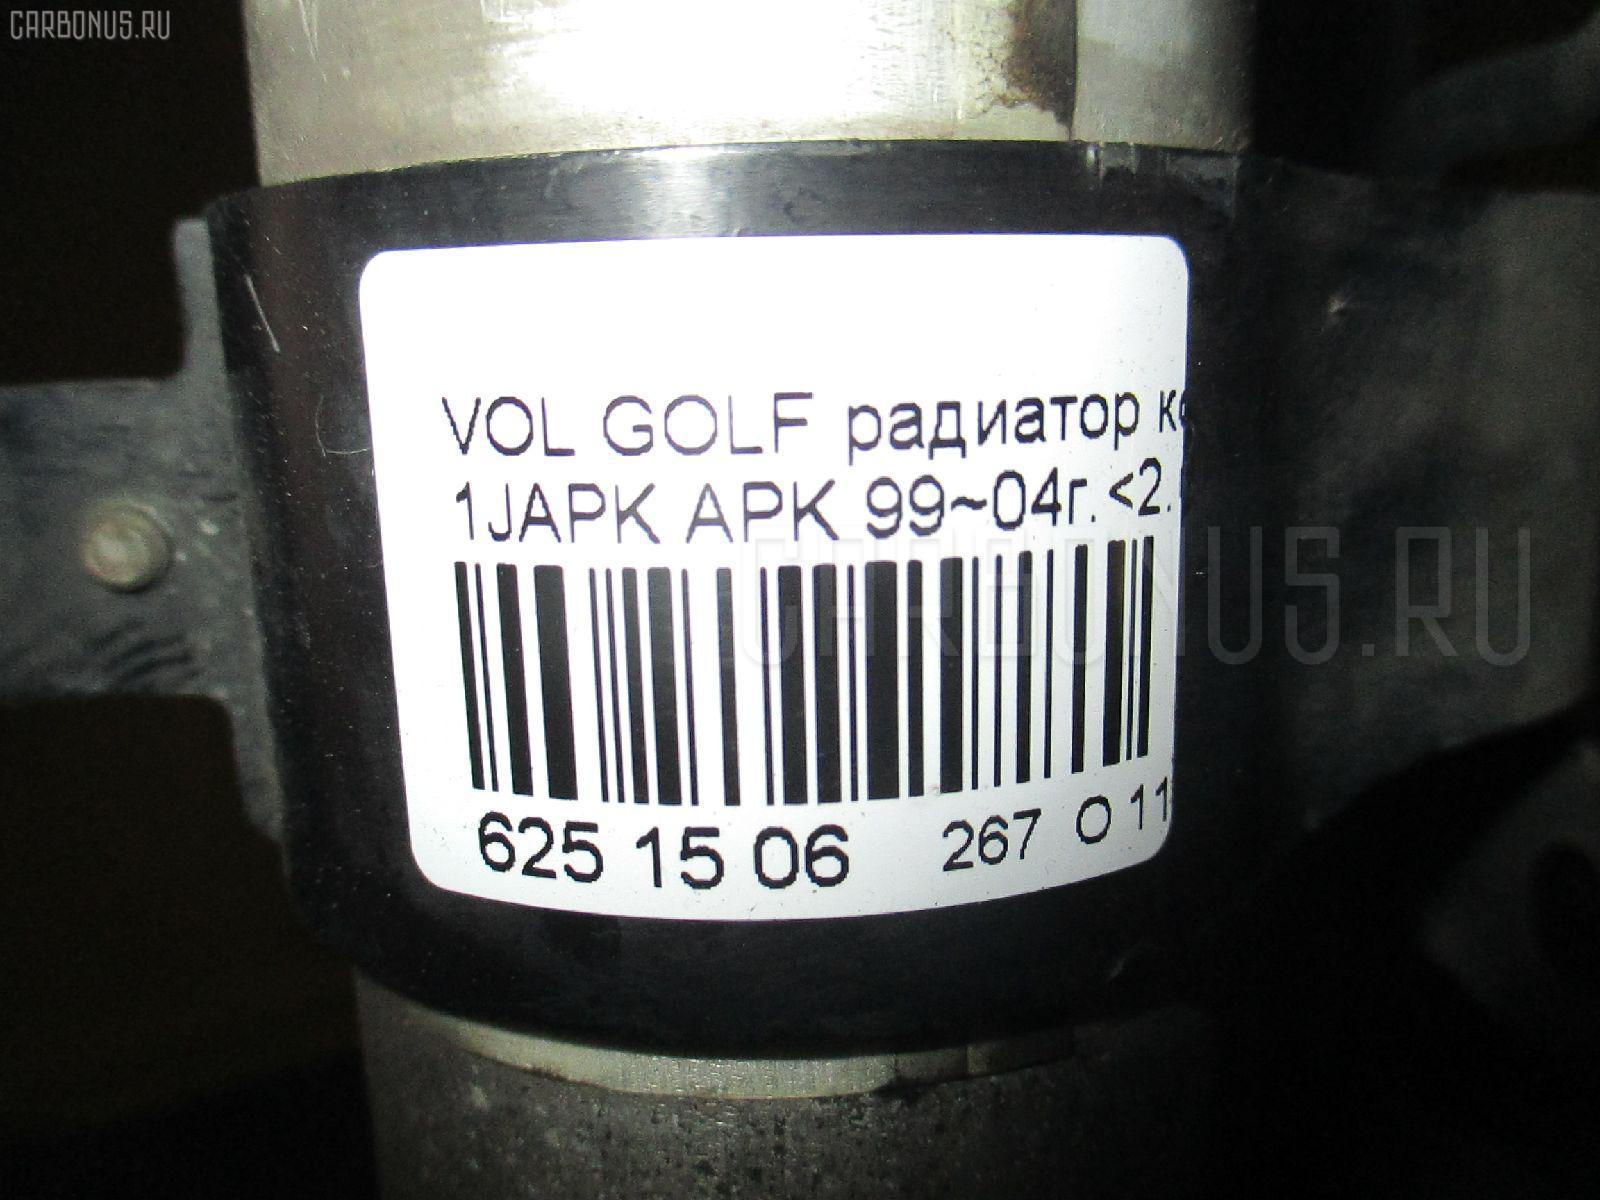 Радиатор кондиционера VOLKSWAGEN GOLF IV 1JAPK APK Фото 3